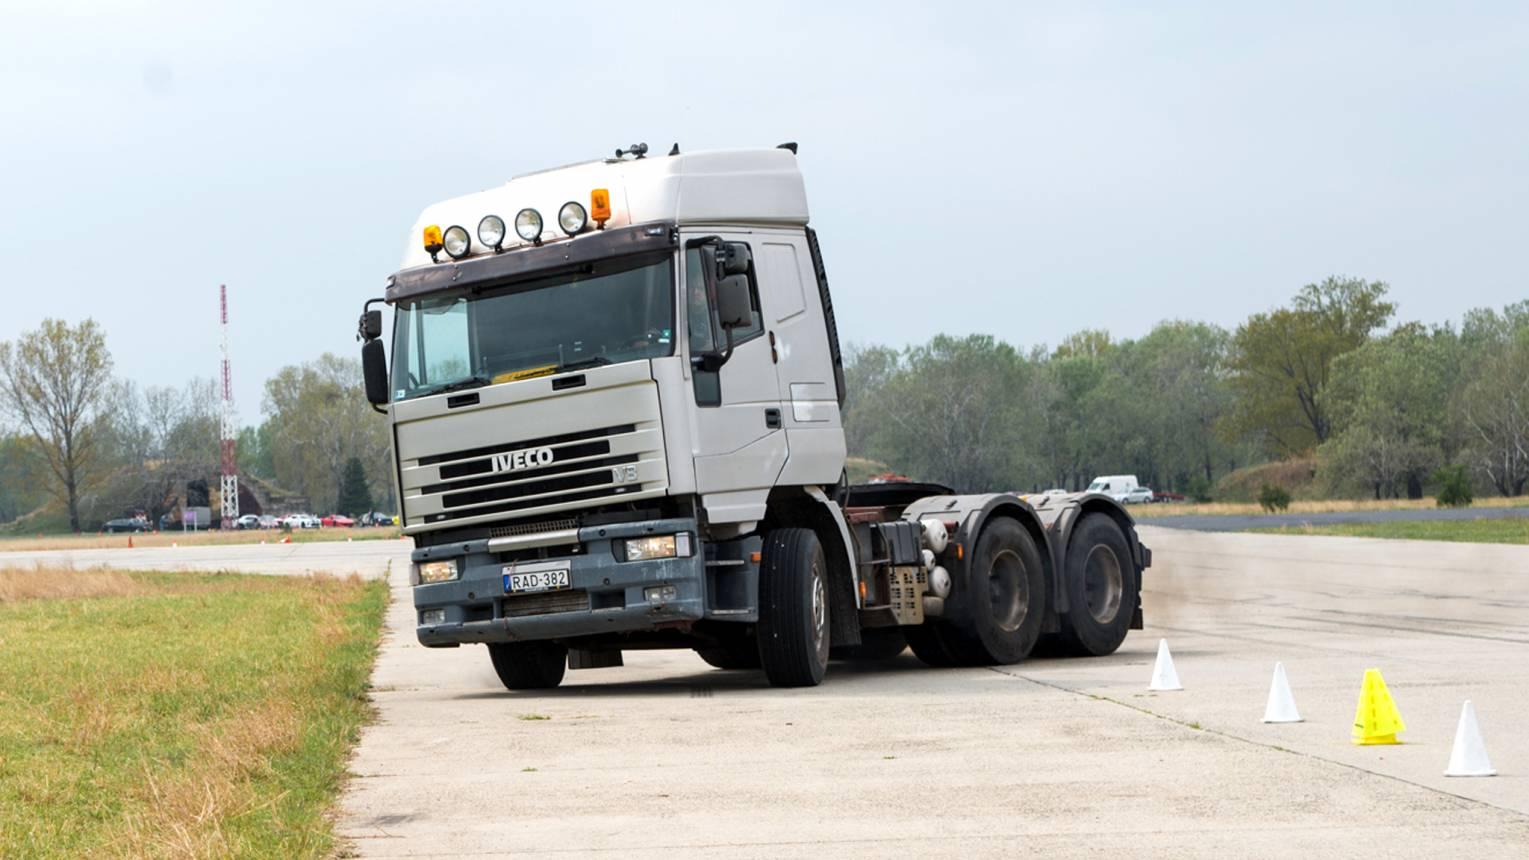 Iveco nyerges kamion vezetés szlalom pályán + gyorsulás